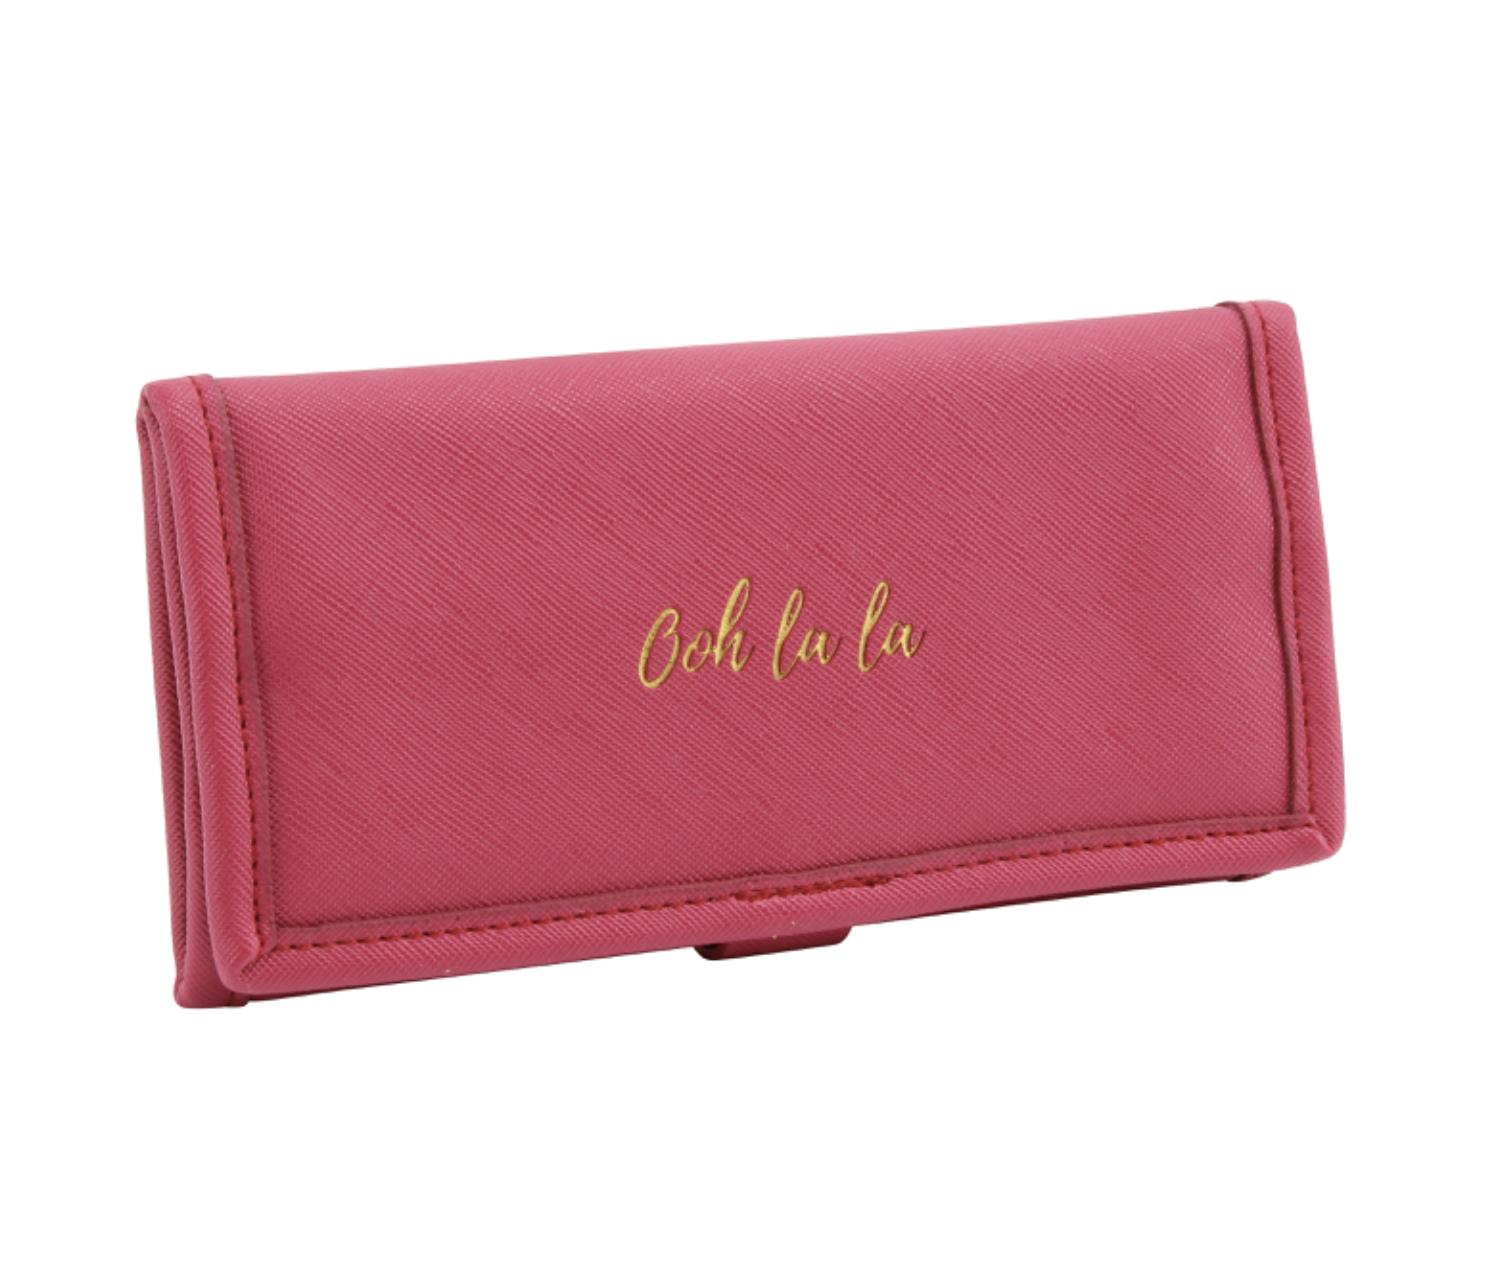 OOH LA LA BERRY JEWELLERY ROLL. Pink travel jewellery roll.